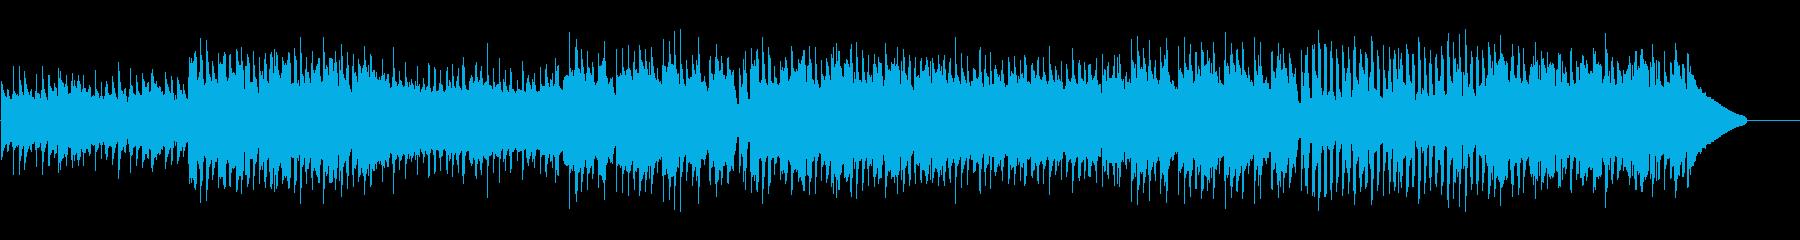 ワクワクするコンセプトムービー風/CMの再生済みの波形